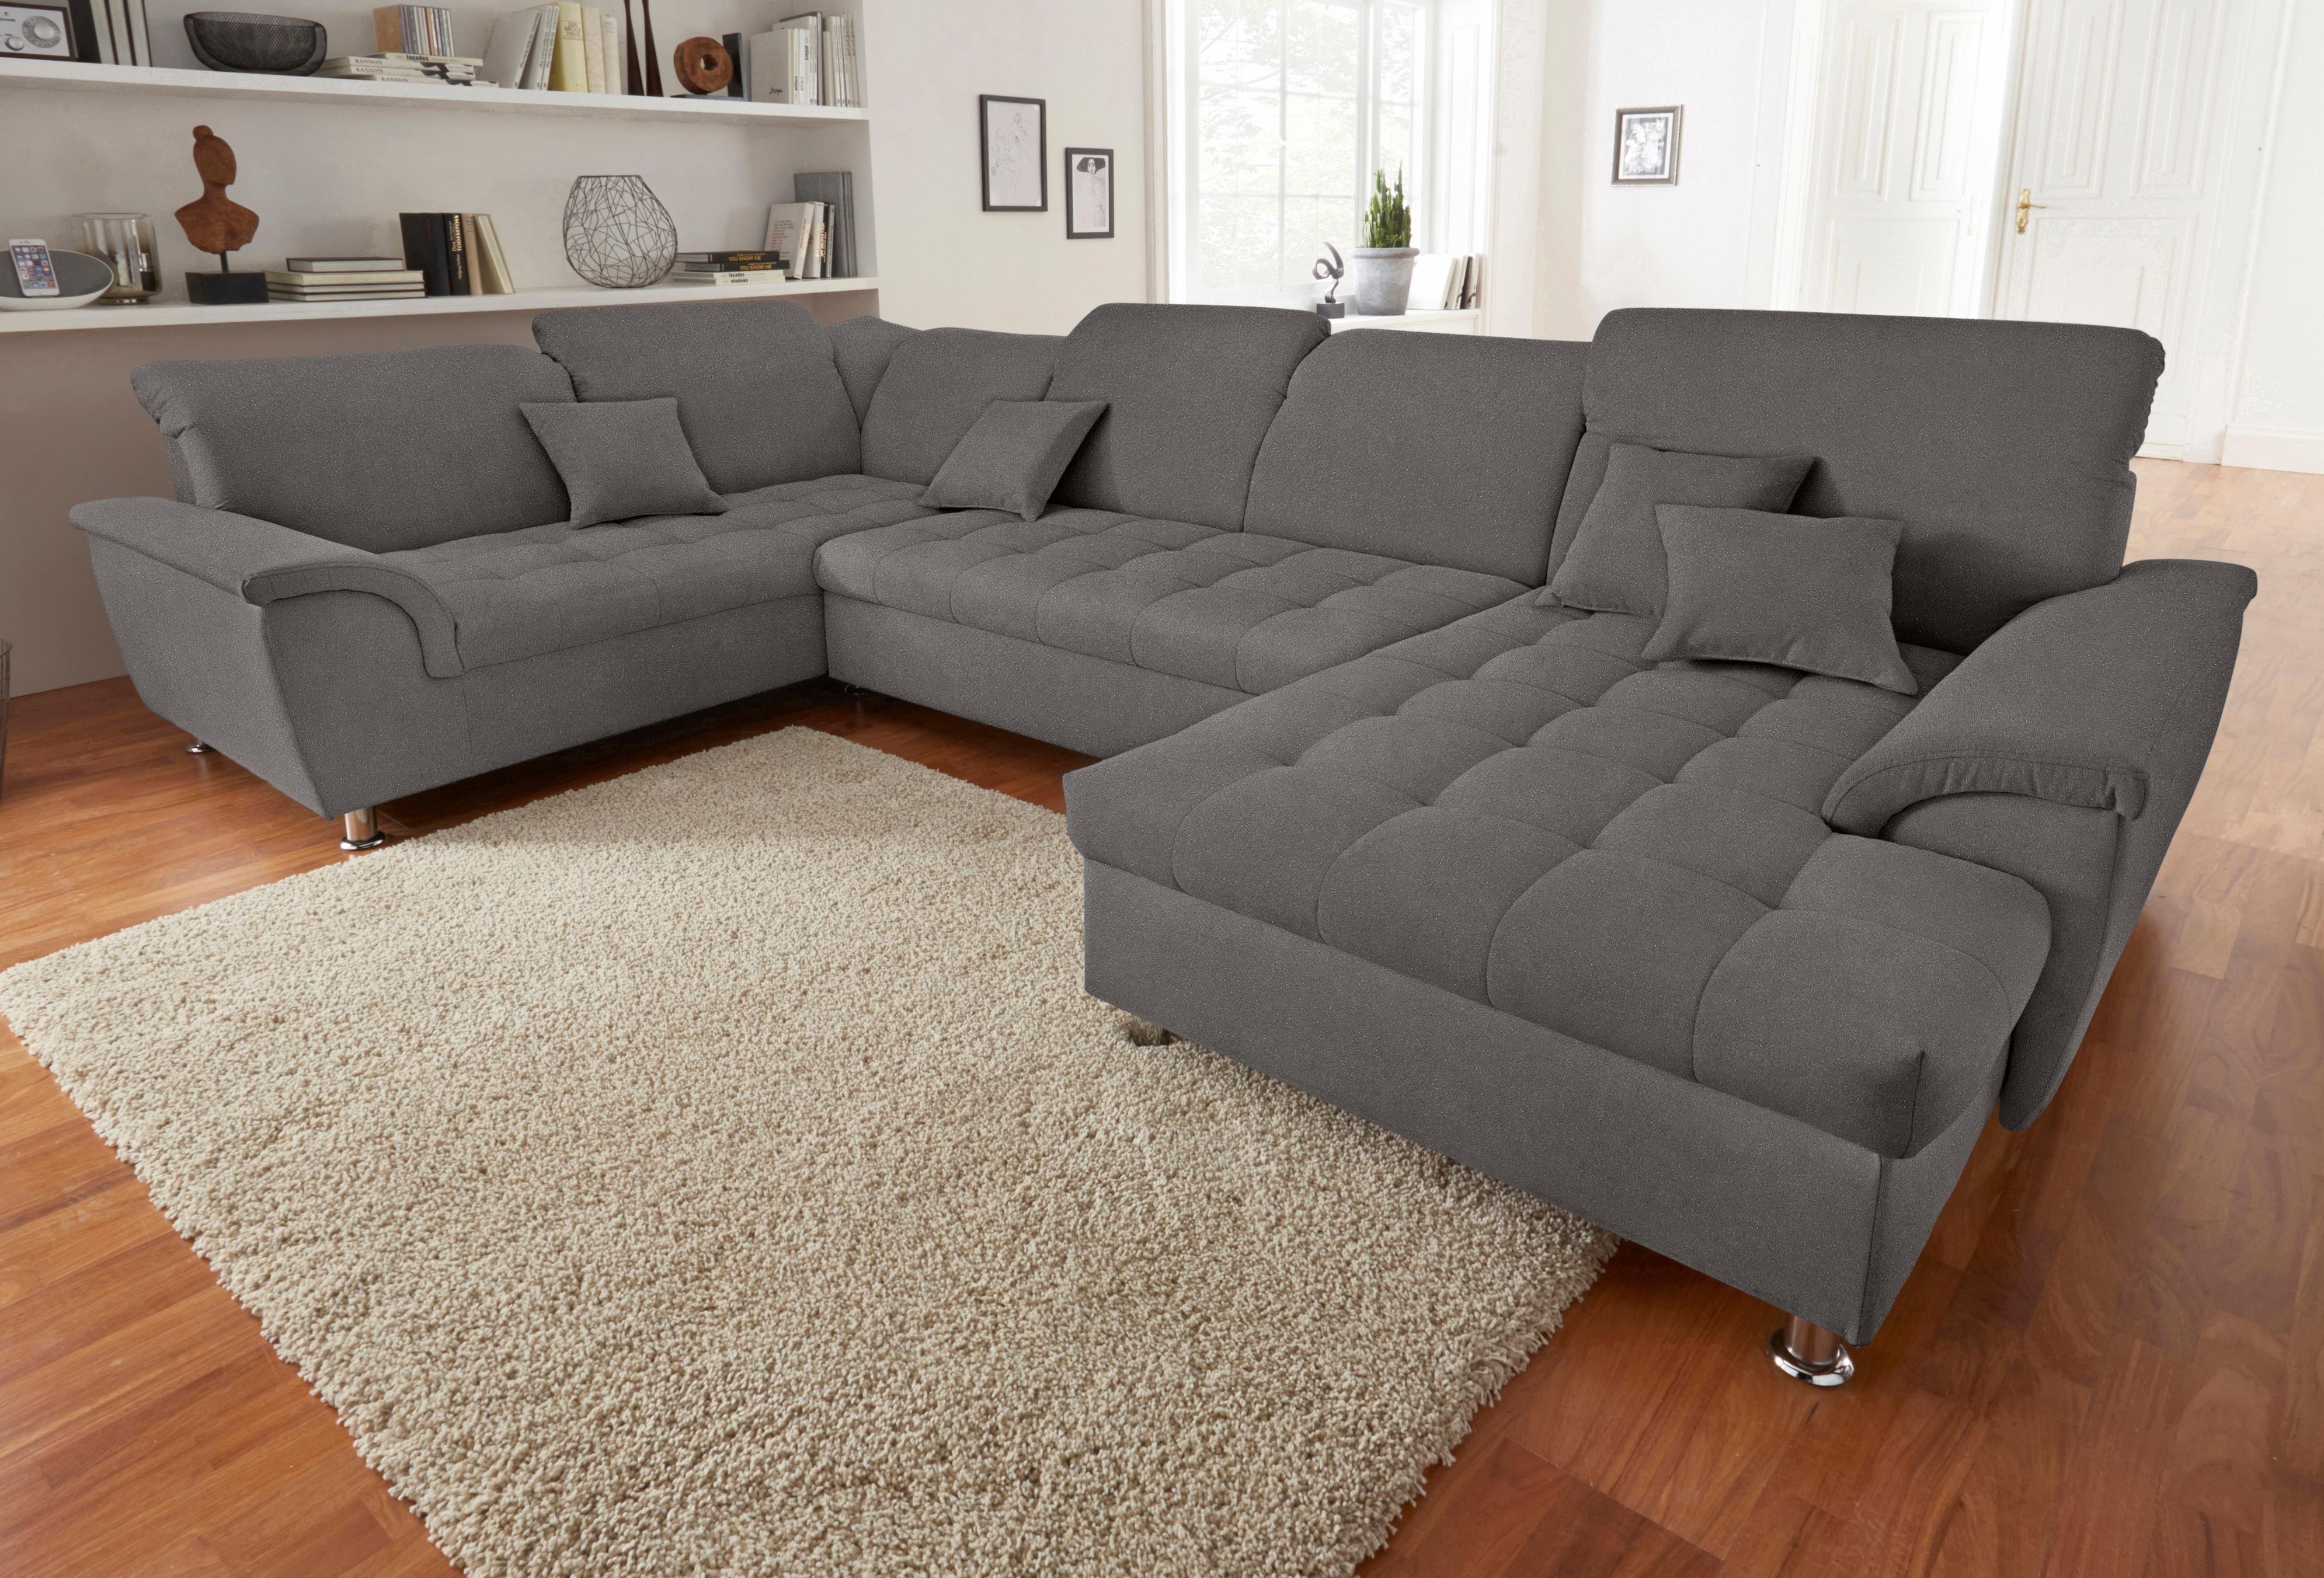 Domo Collection Zithoek, naar keuze met slaapfunctie en rugverstelling veilig op otto.nl kopen